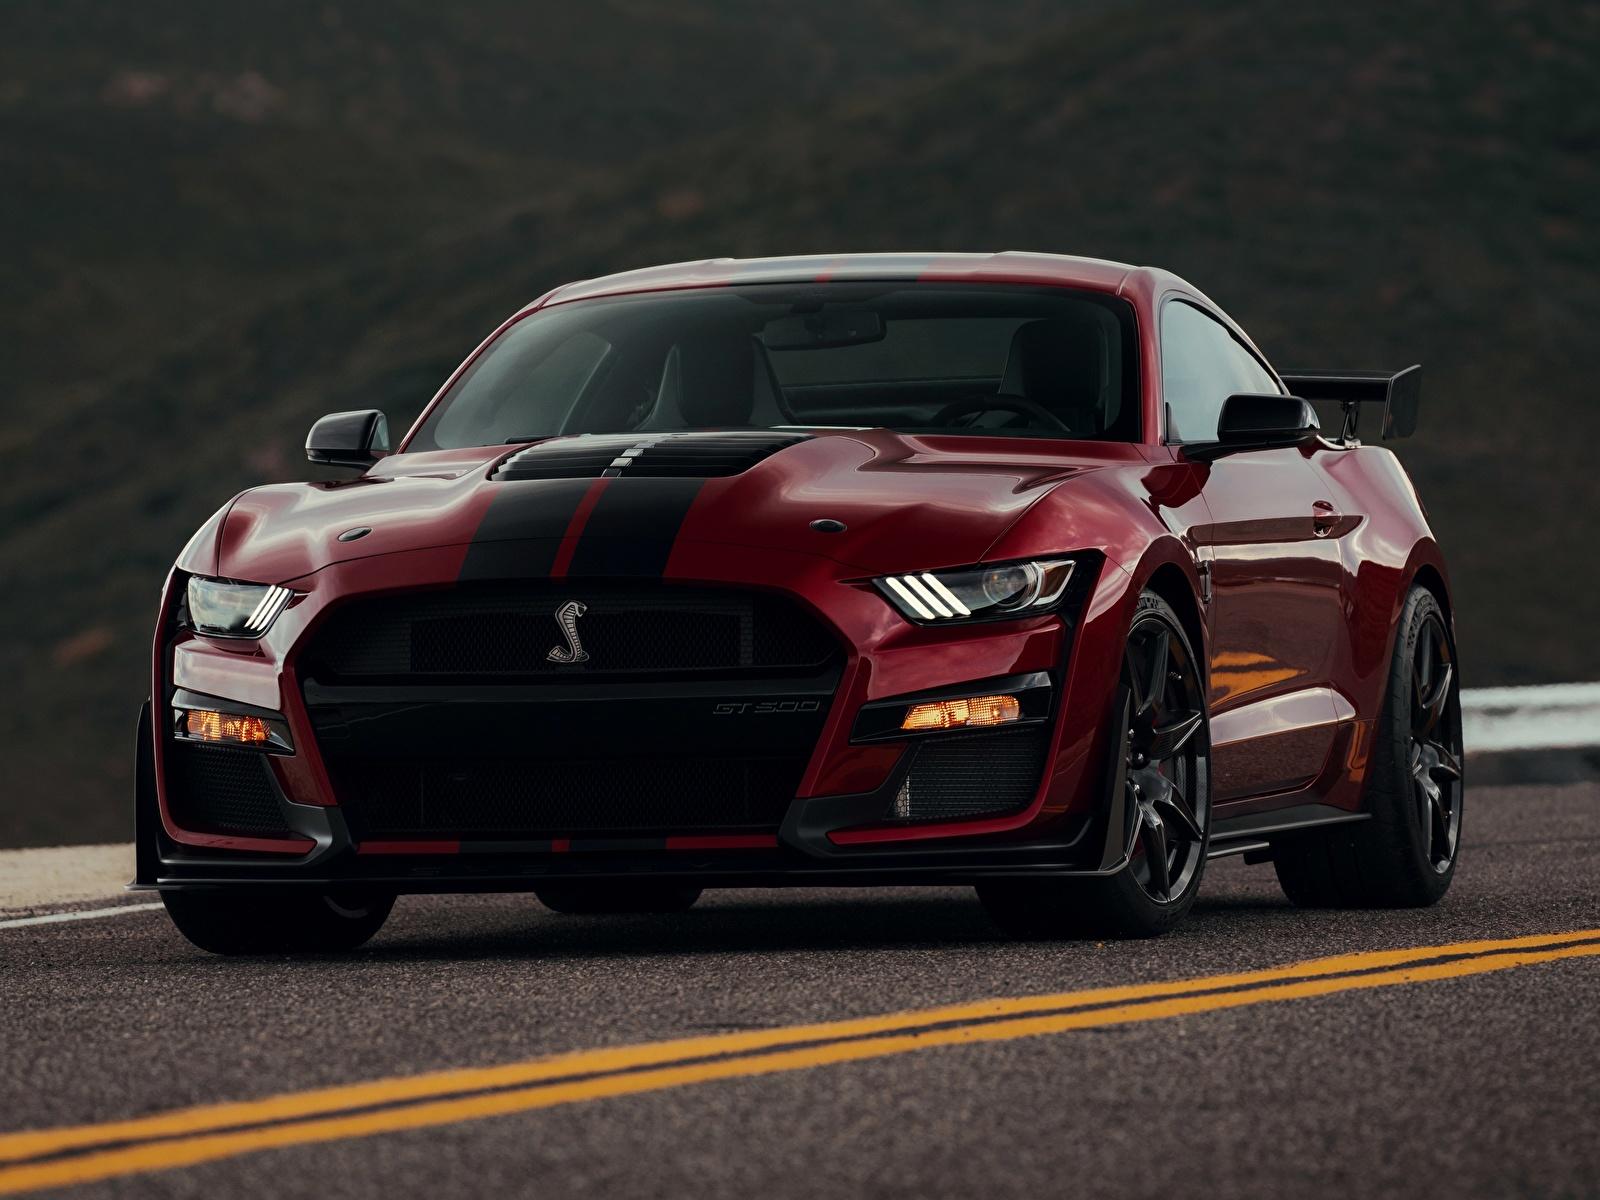 Фотография Ford Mustang Shelby GT500 2019 Бордовый Спереди автомобиль 1600x1200 Форд бордовая бордовые темно красный авто машины машина Автомобили